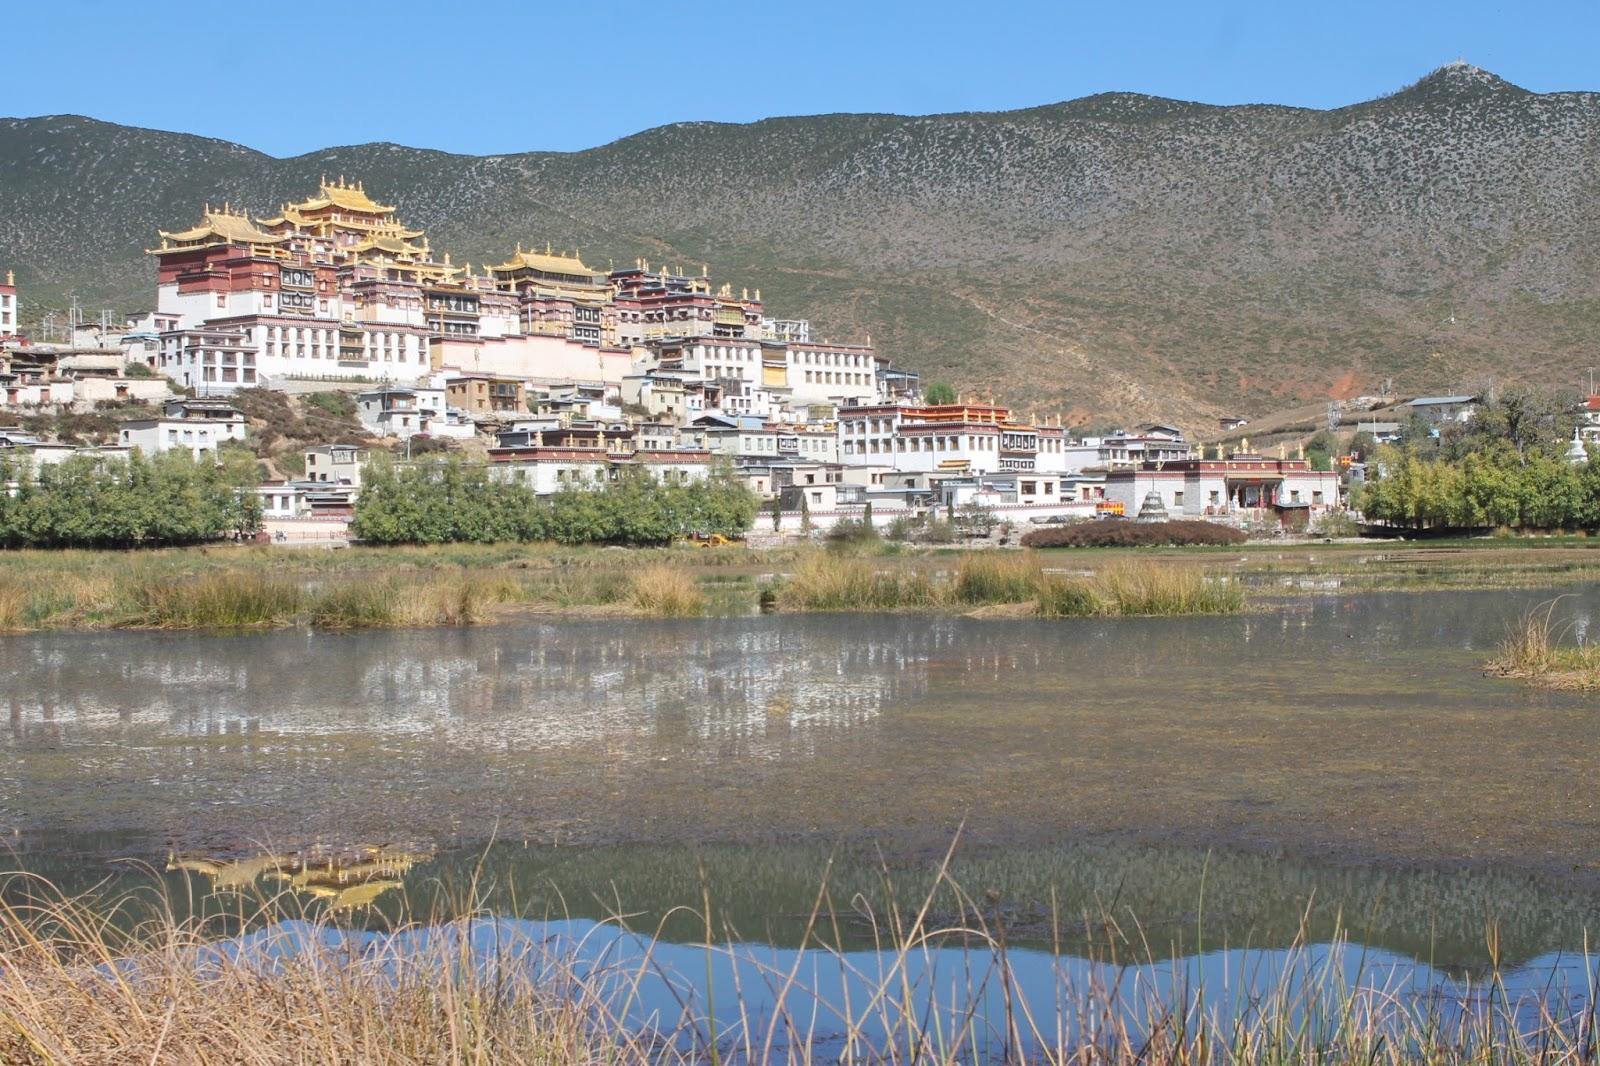 shangri-la, zhongdian, yunnan, cina